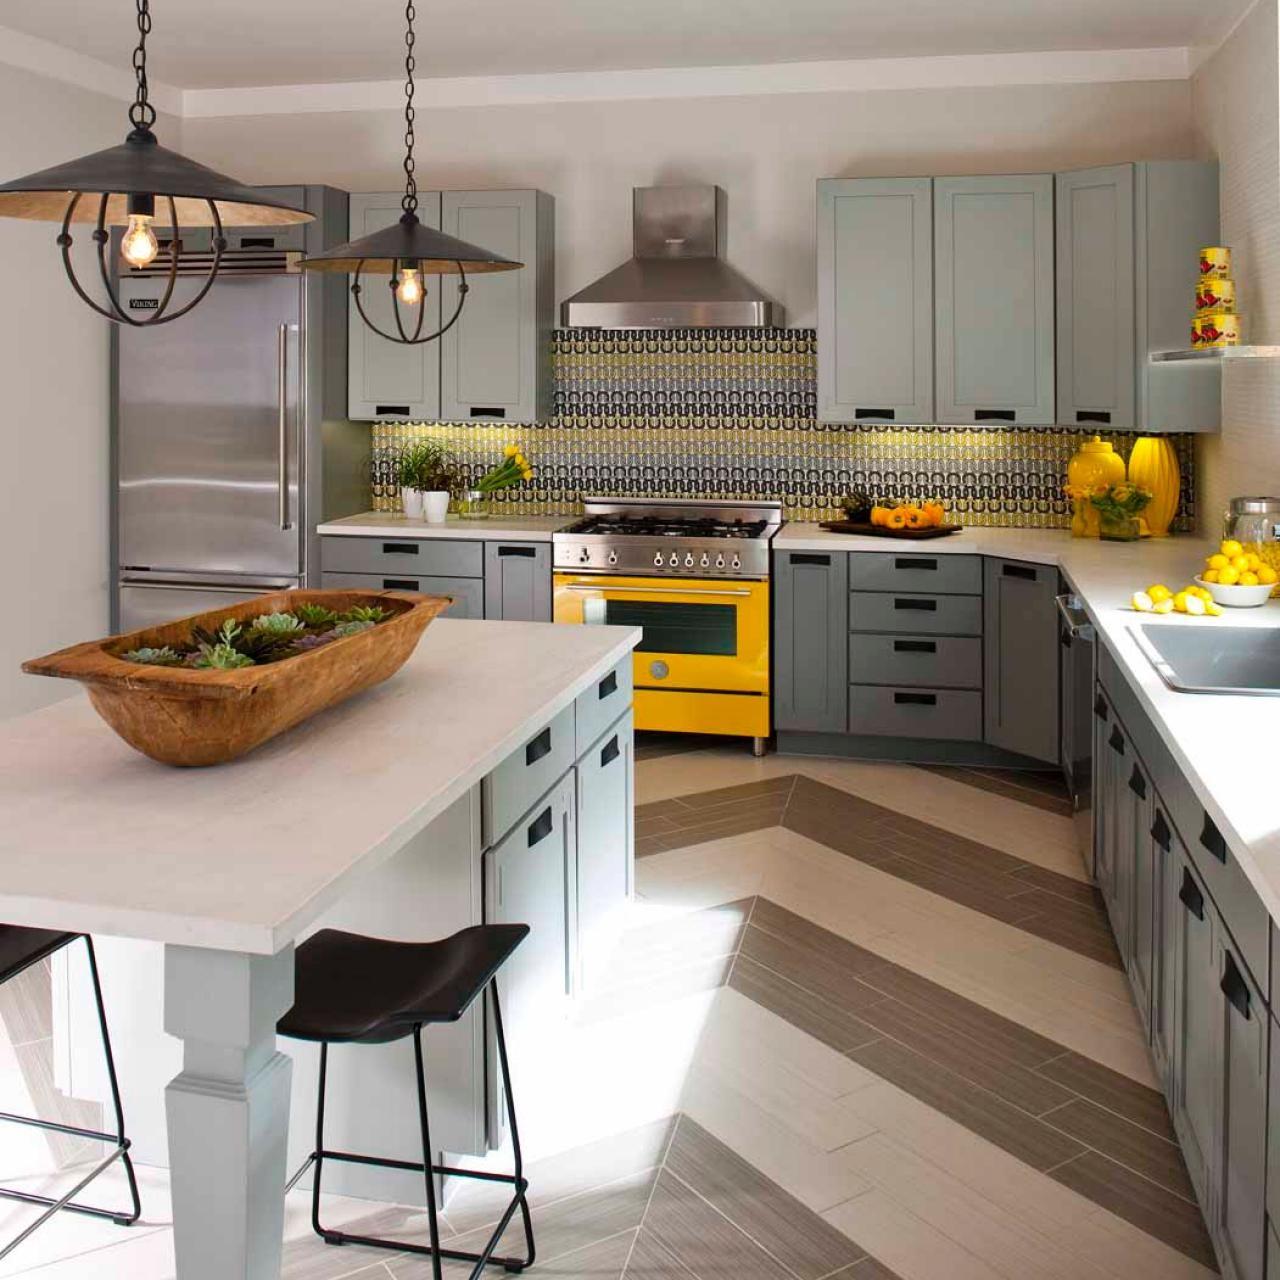 Best Modern Rustic Kitchen With Chevron Striped Floor 640 x 480